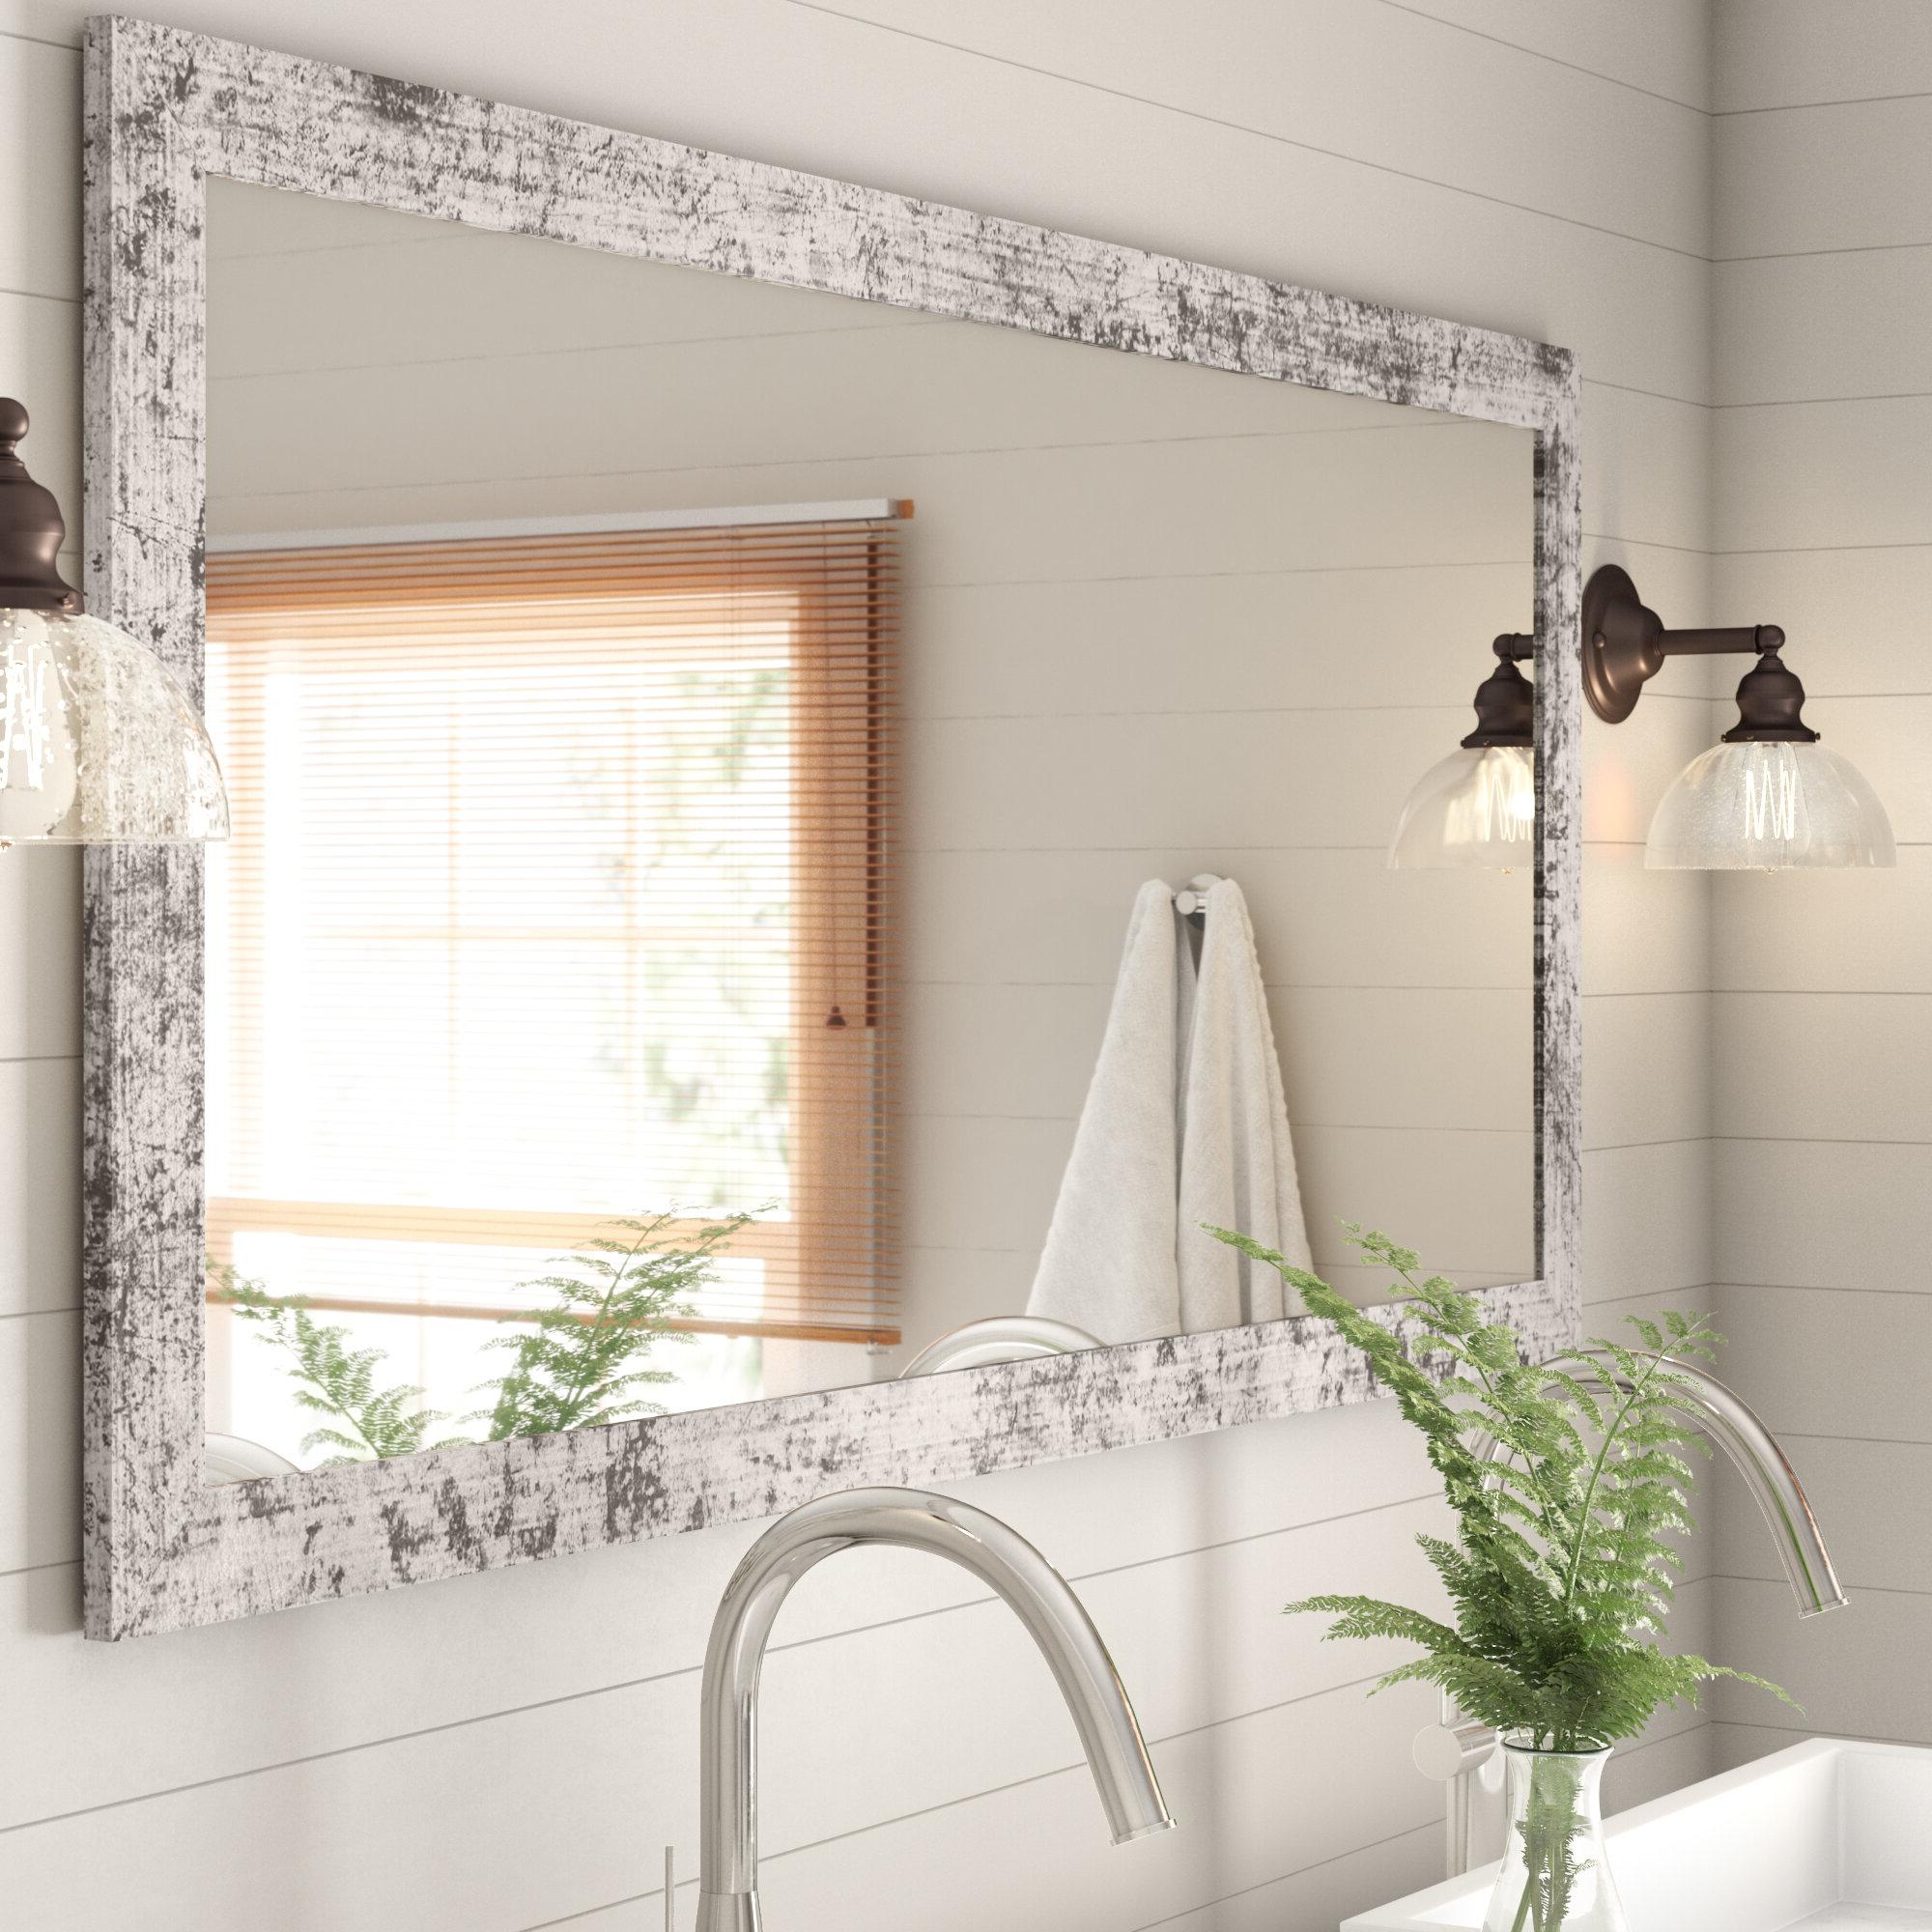 Landover Rustic Distressed Bathroom/vanity Mirrors With Popular Distressed Bathroom Vanity Mirror – Home Decor Photos Gallery (View 4 of 20)